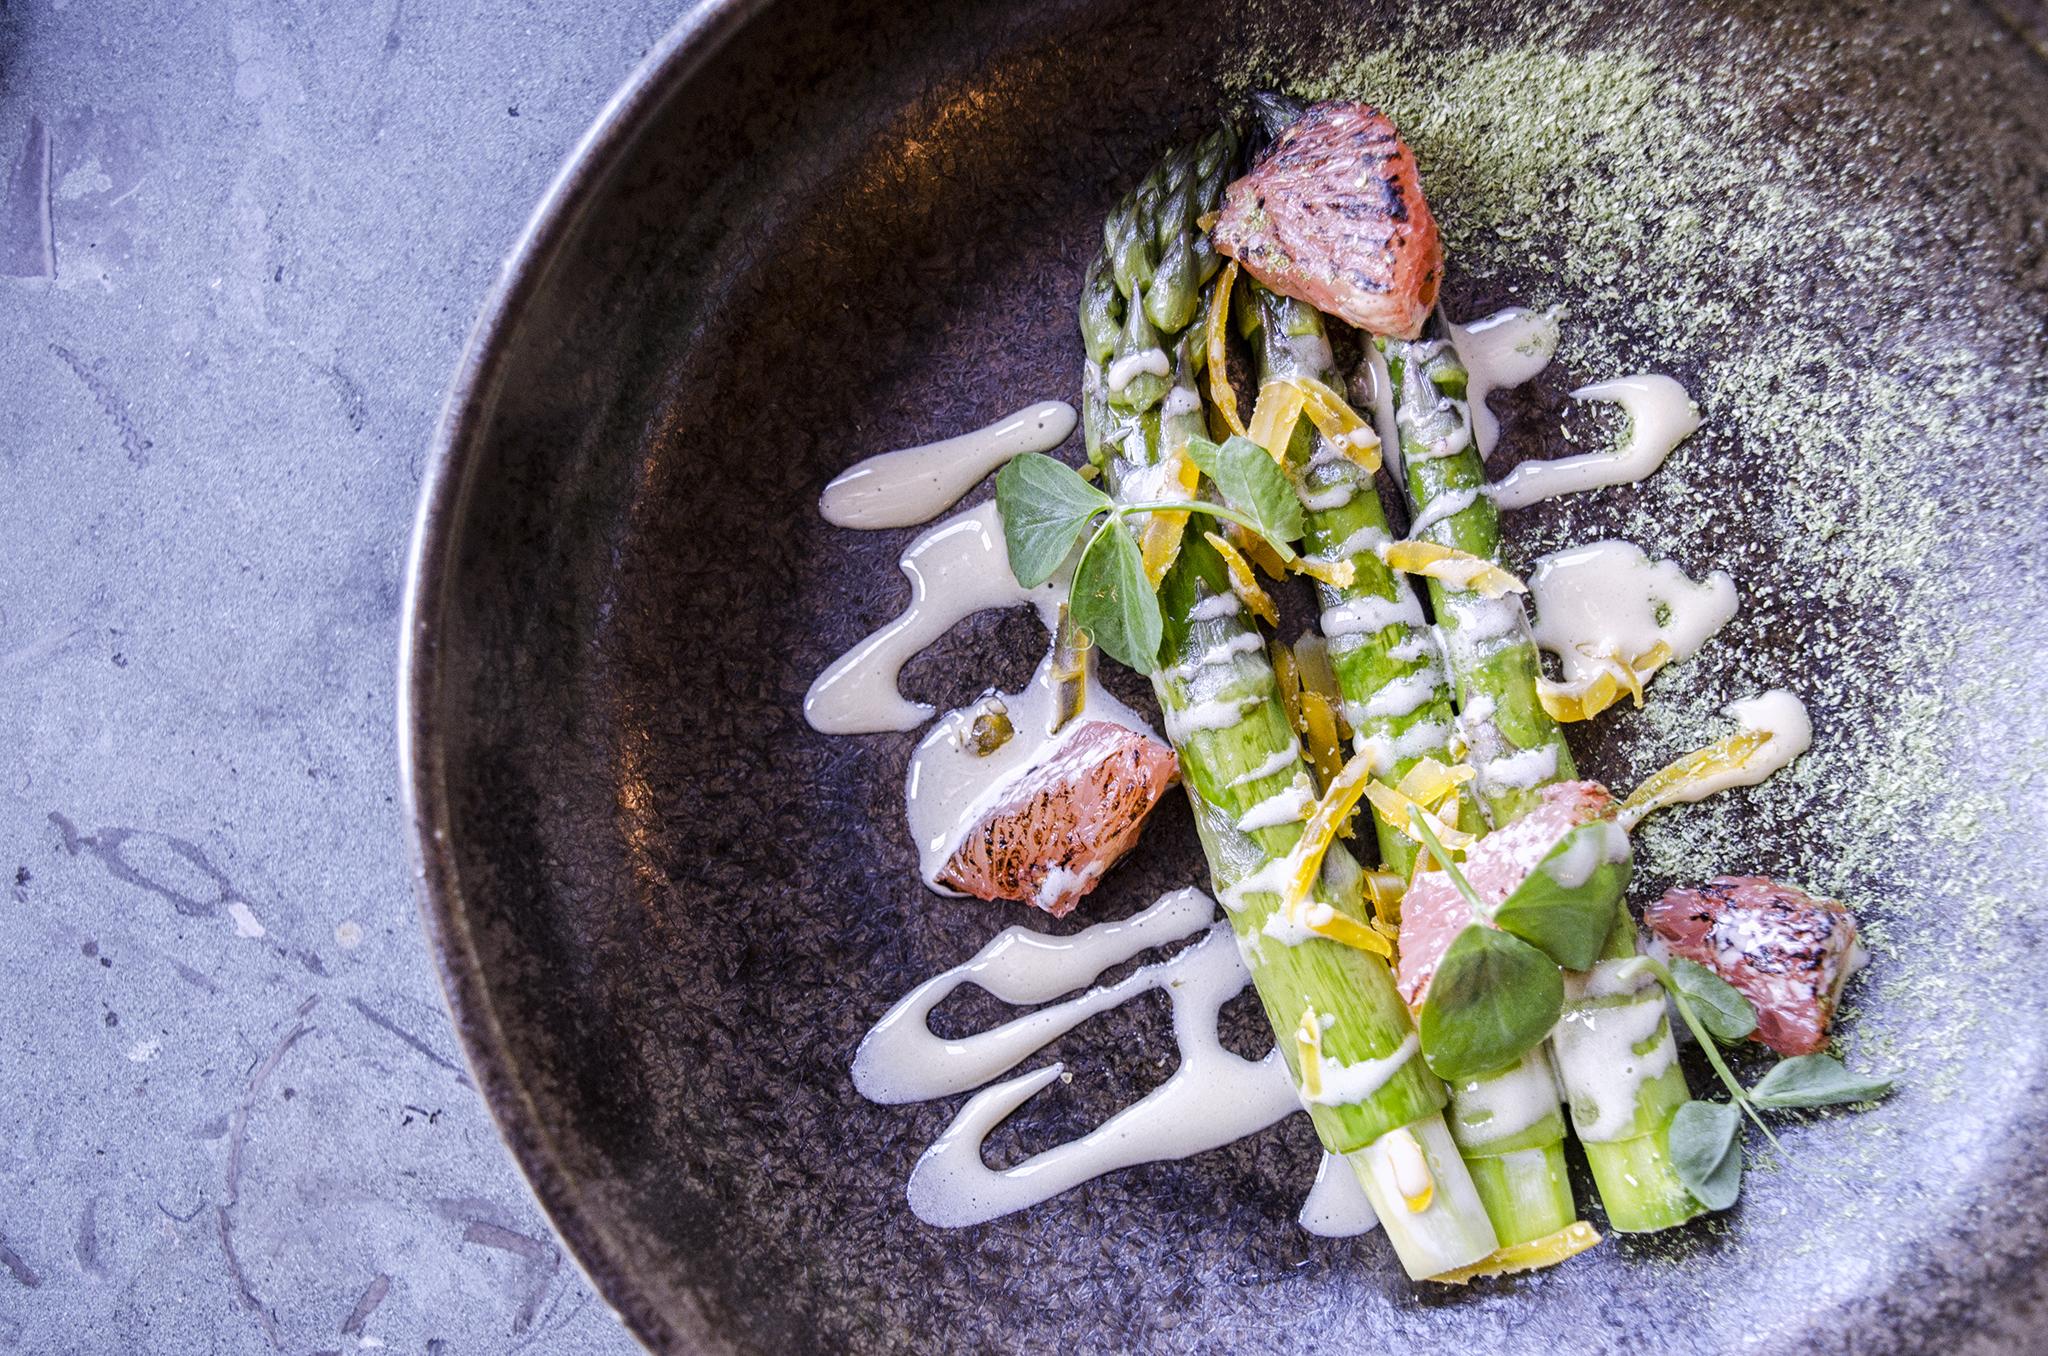 Asparagus Food Photography